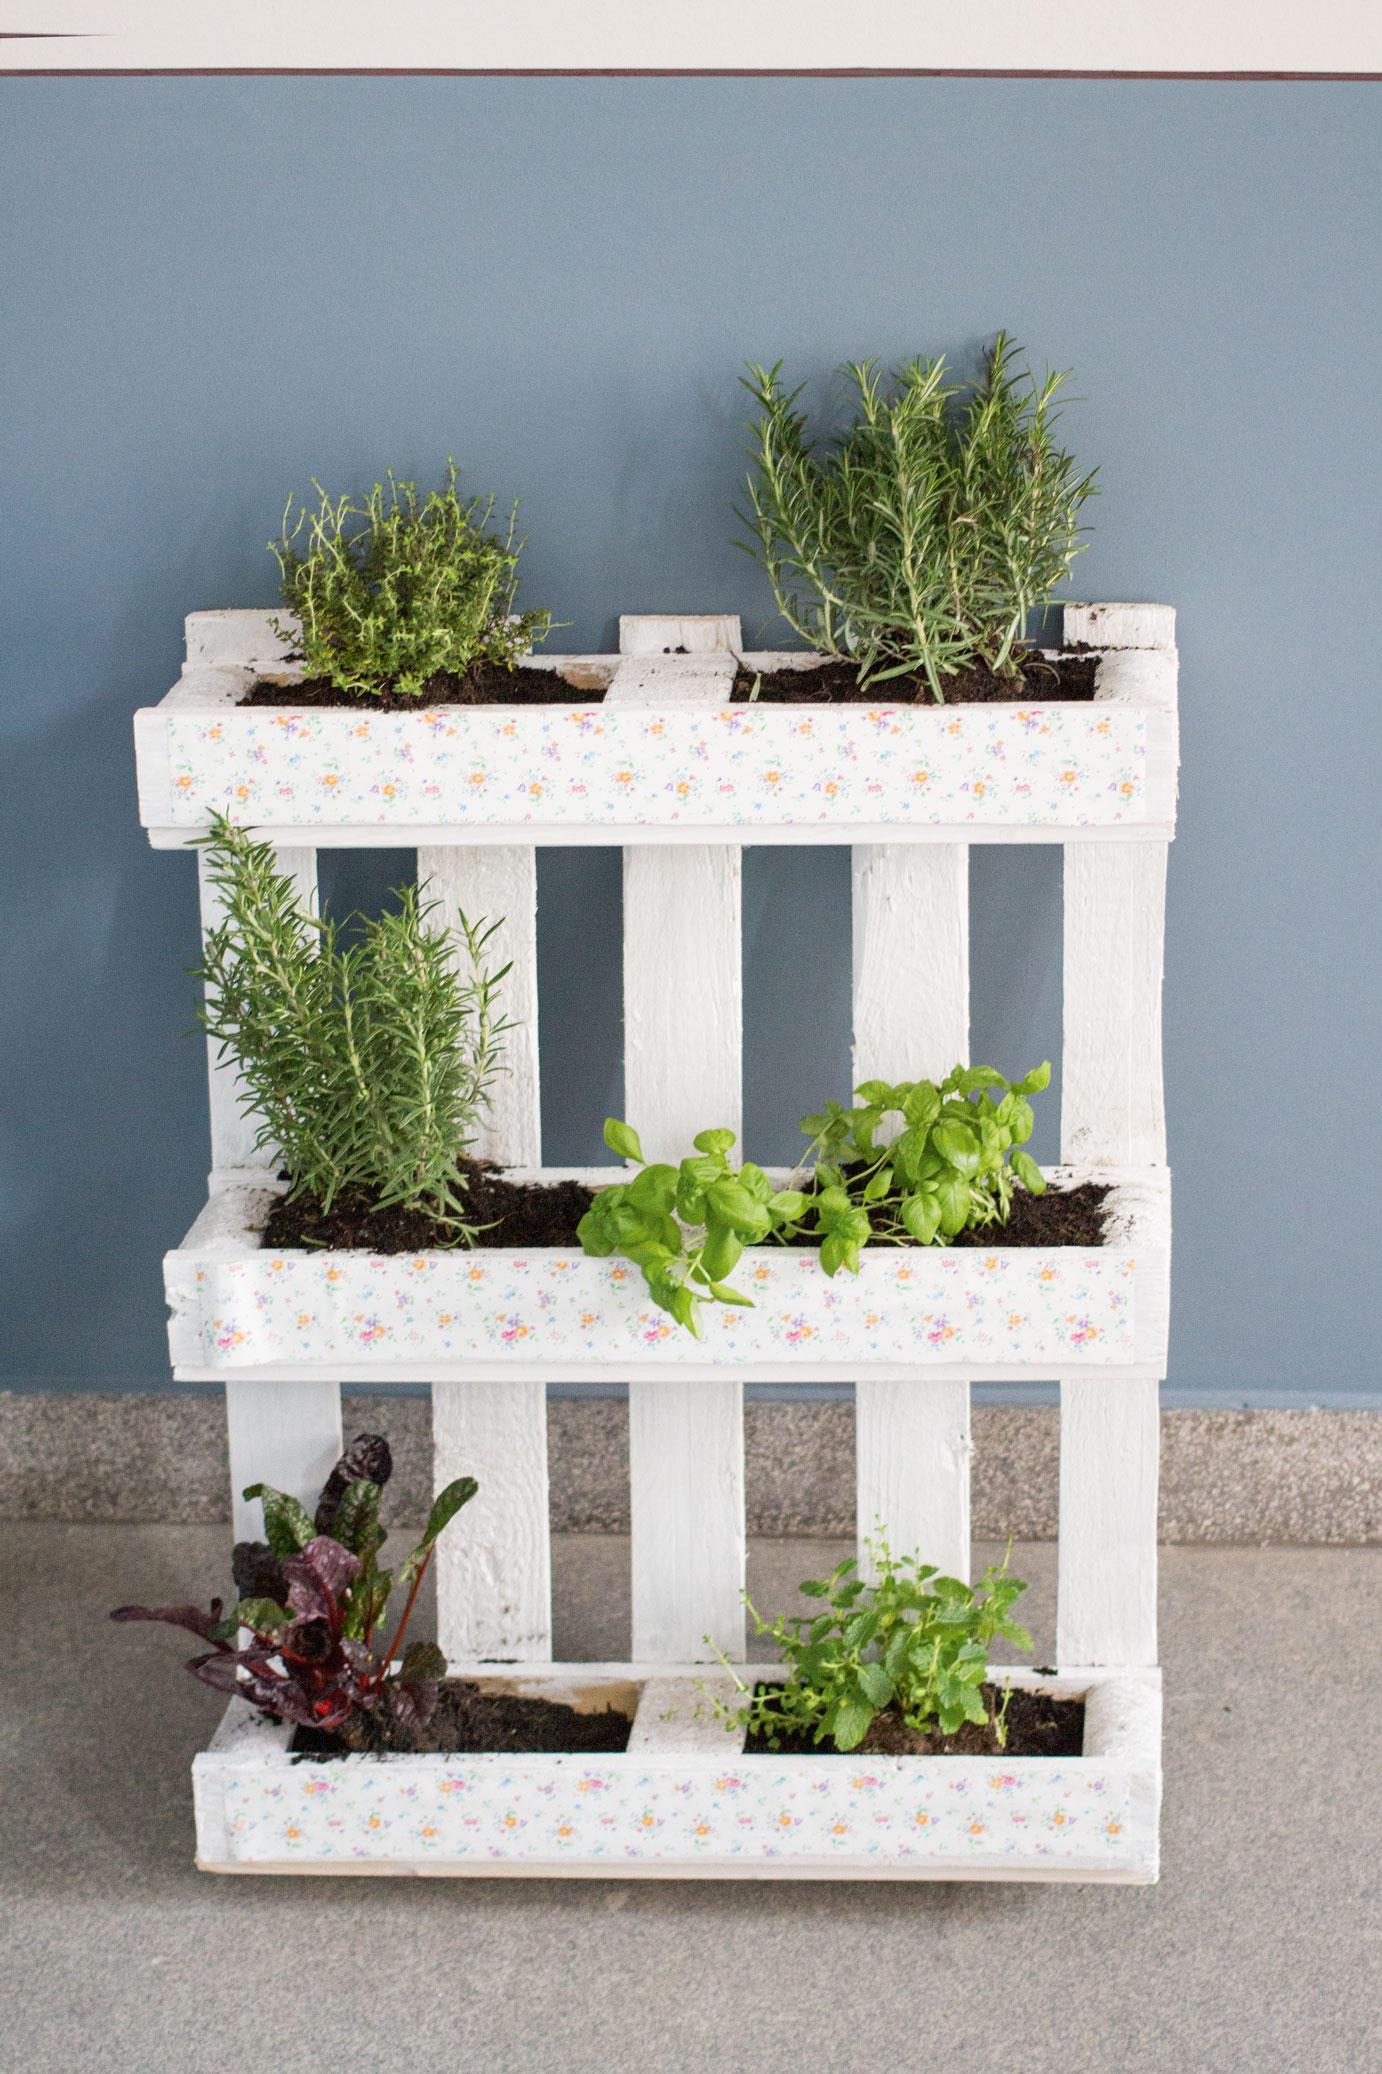 kein balkon?: indoor-gardening - platz für grünes ist in der